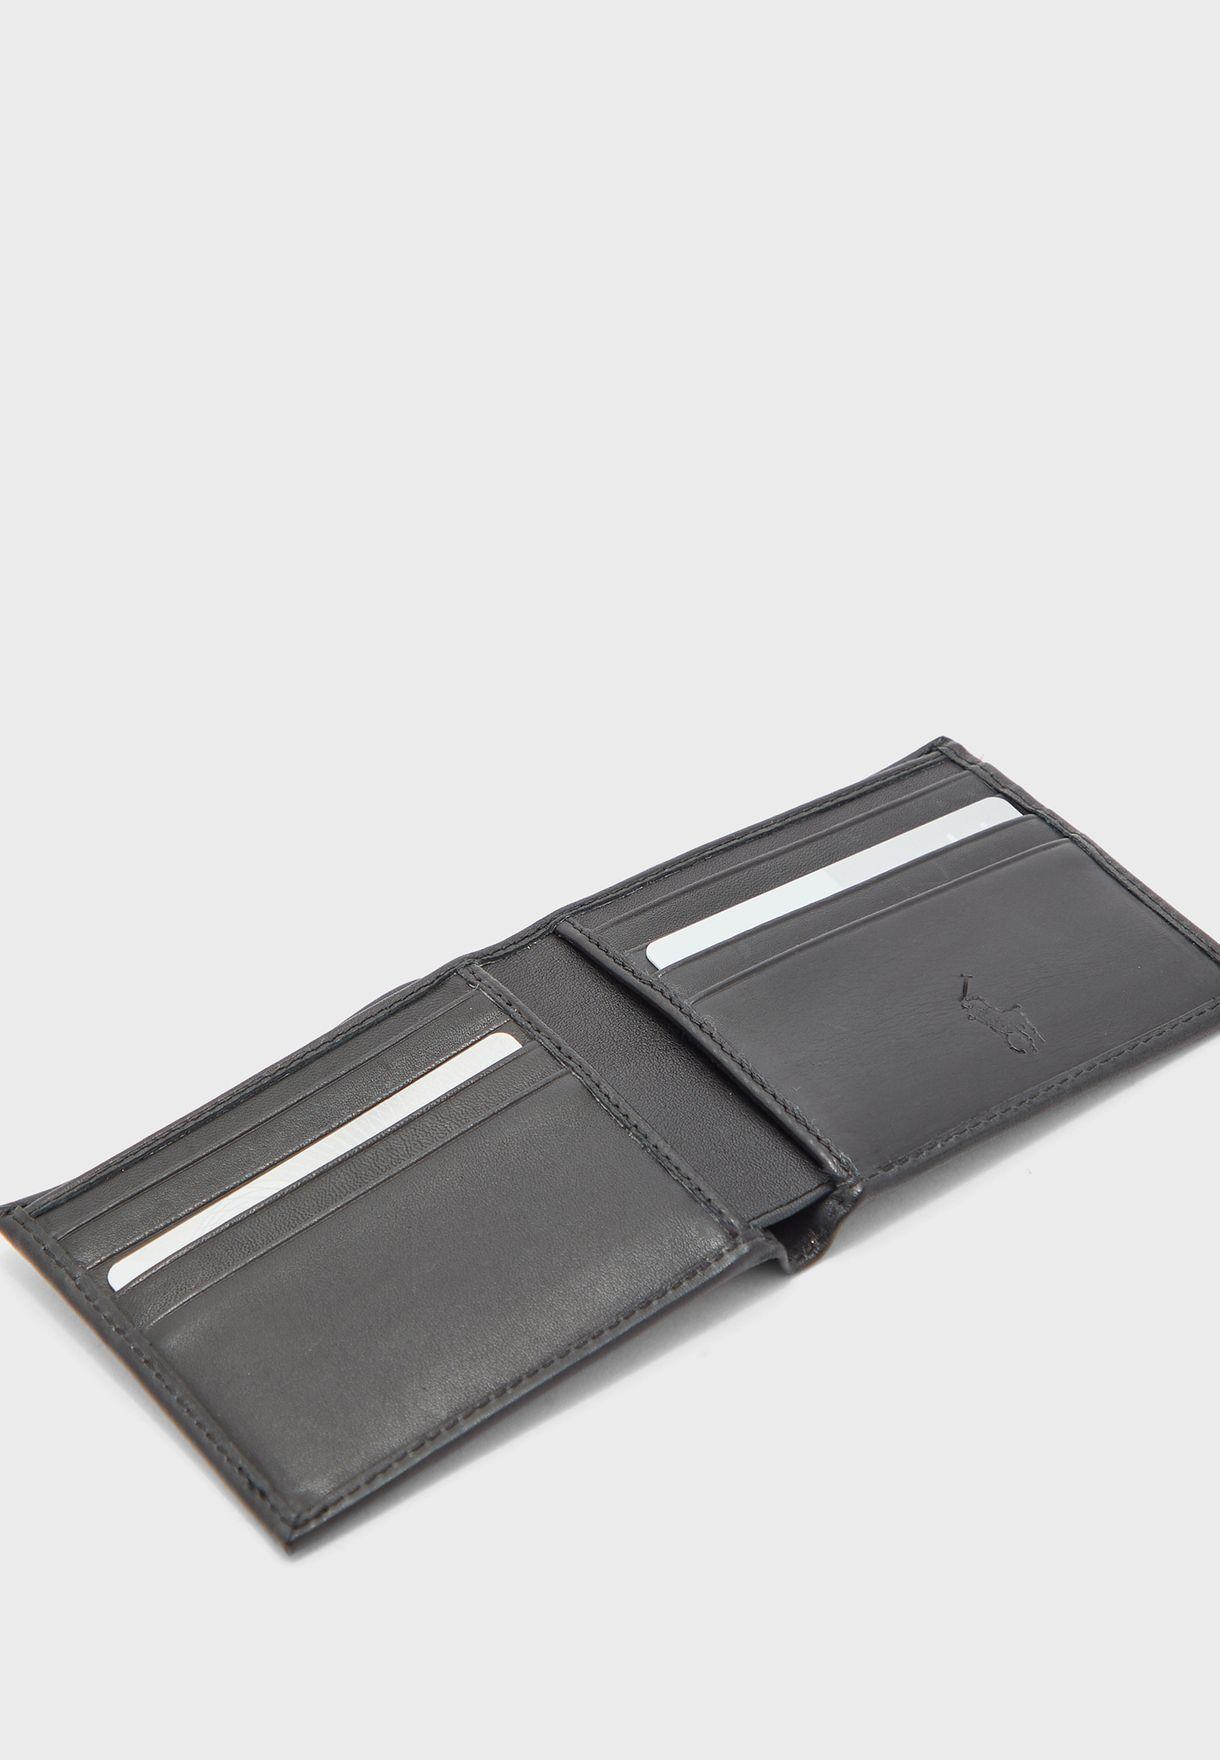 محفظة مطوية بجيوب للبطاقات